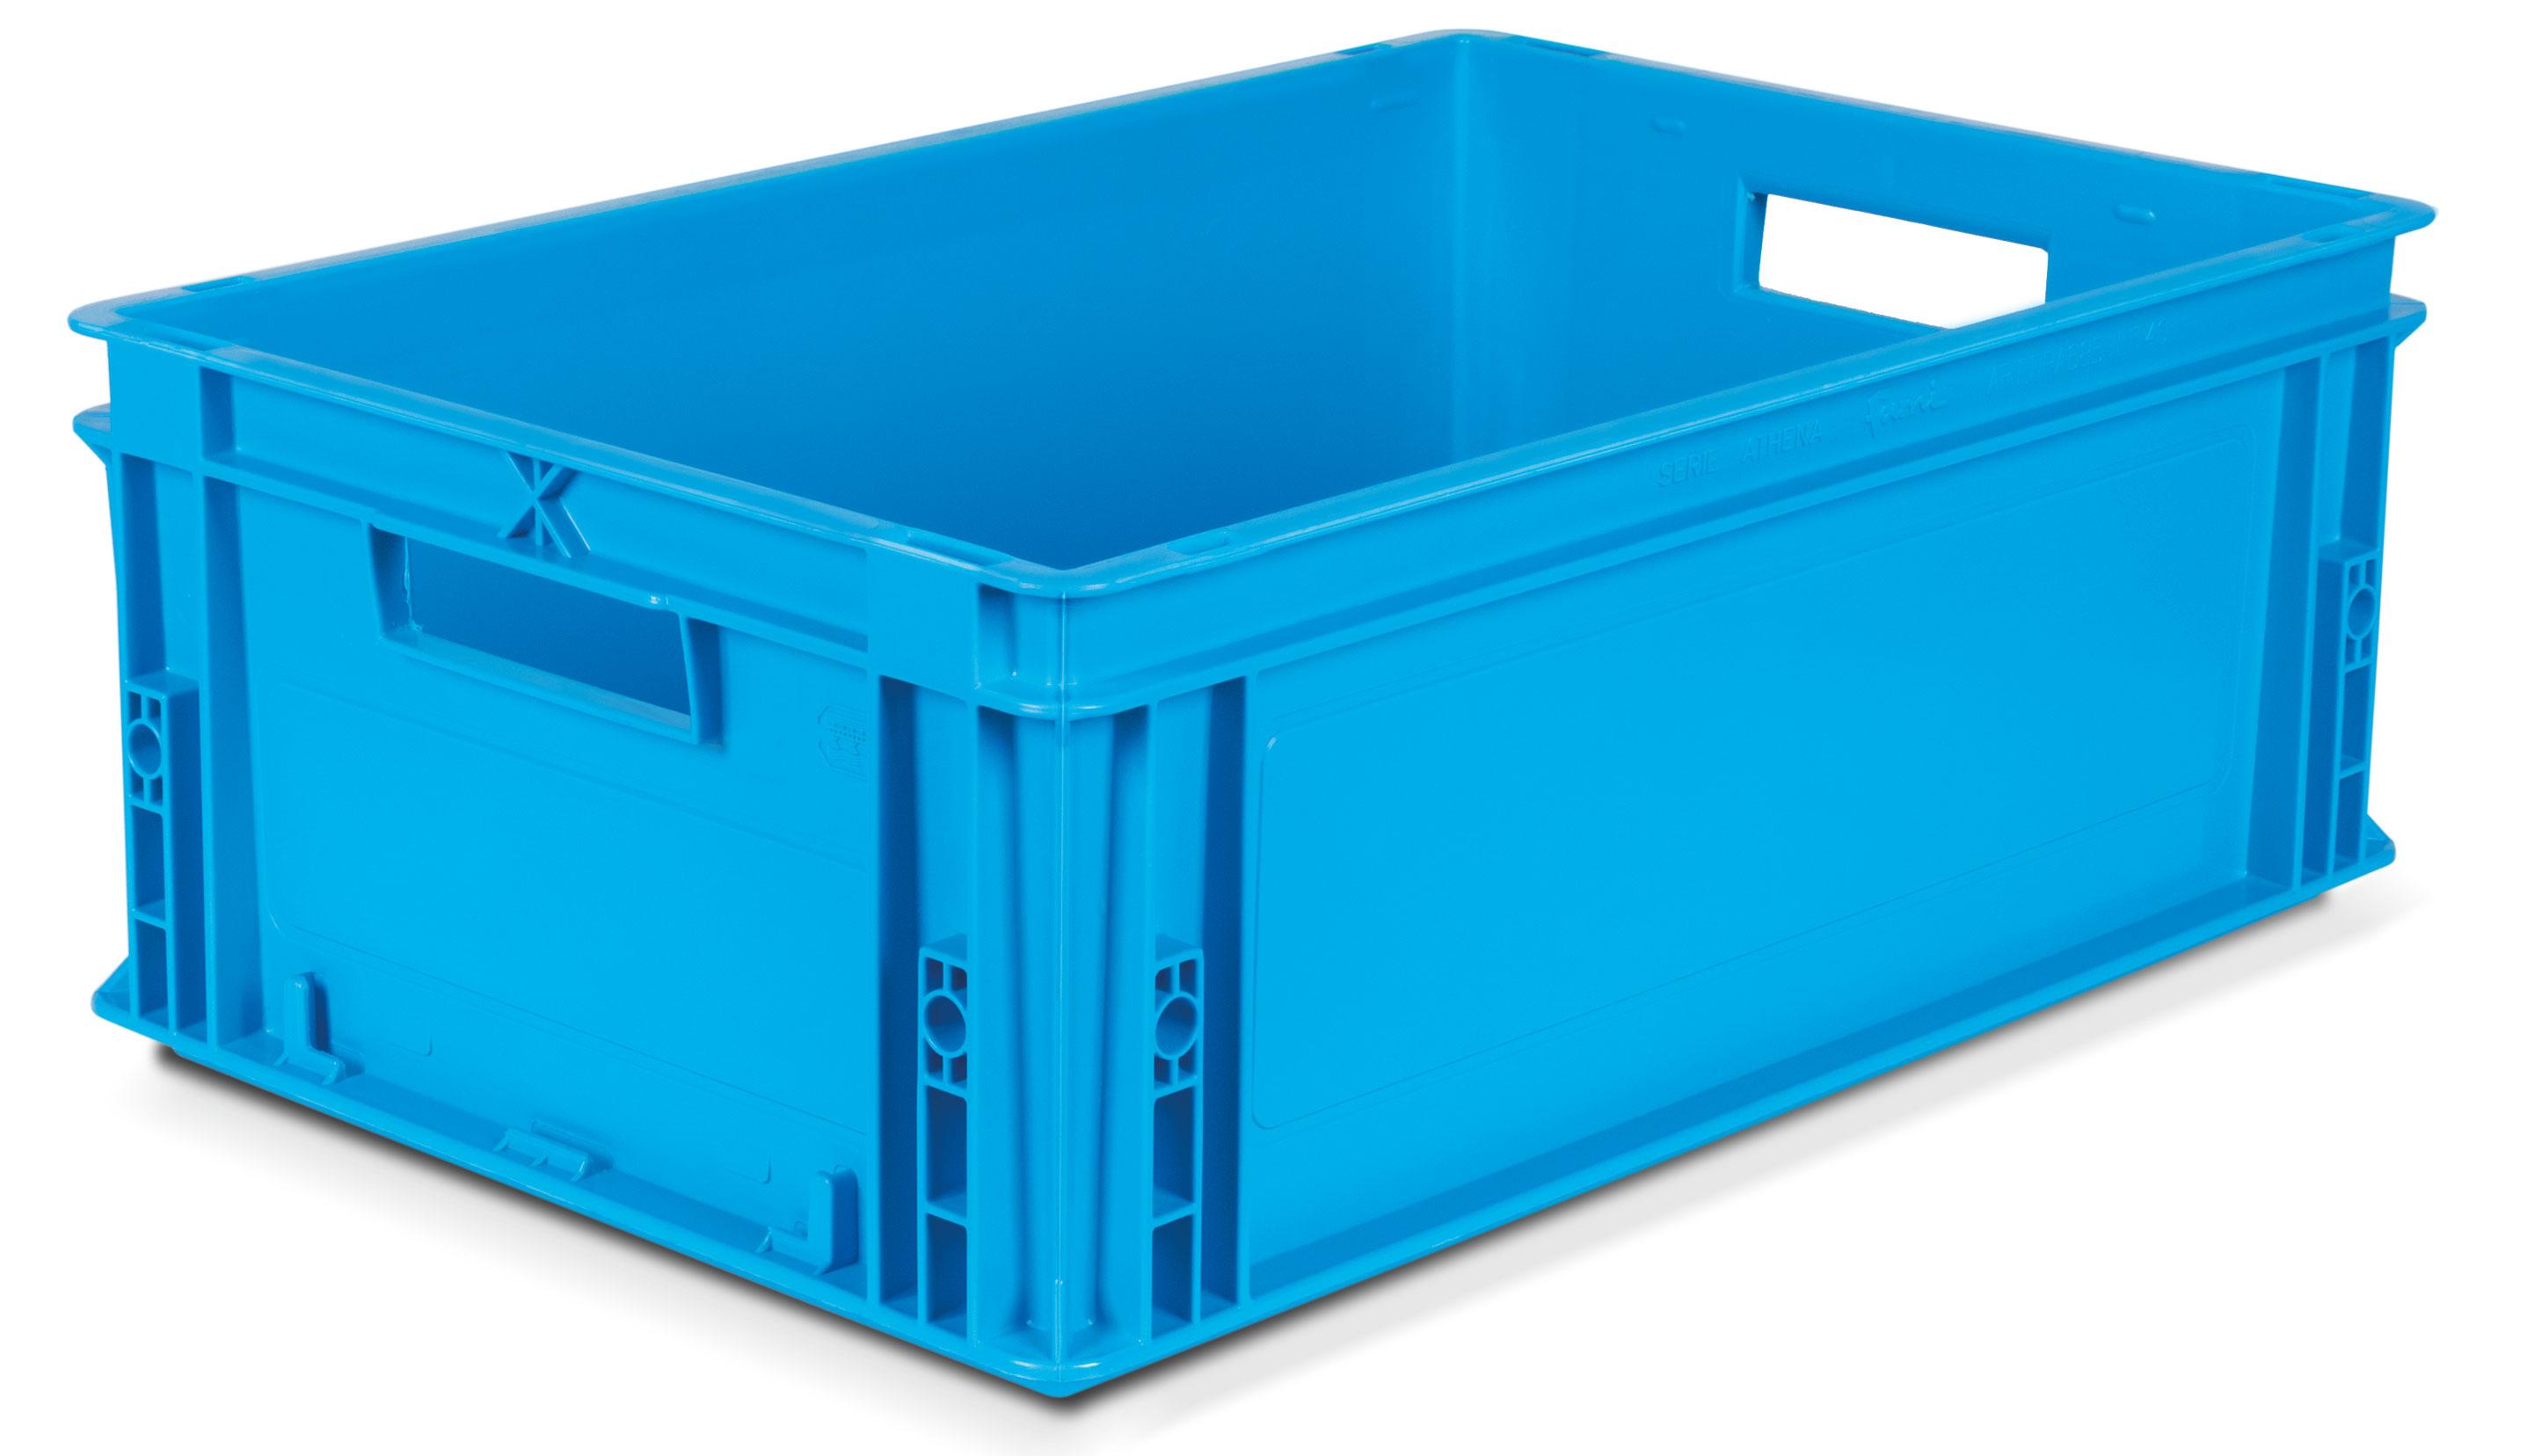 Caisse plastique Bleu gerbable volume 40 litres